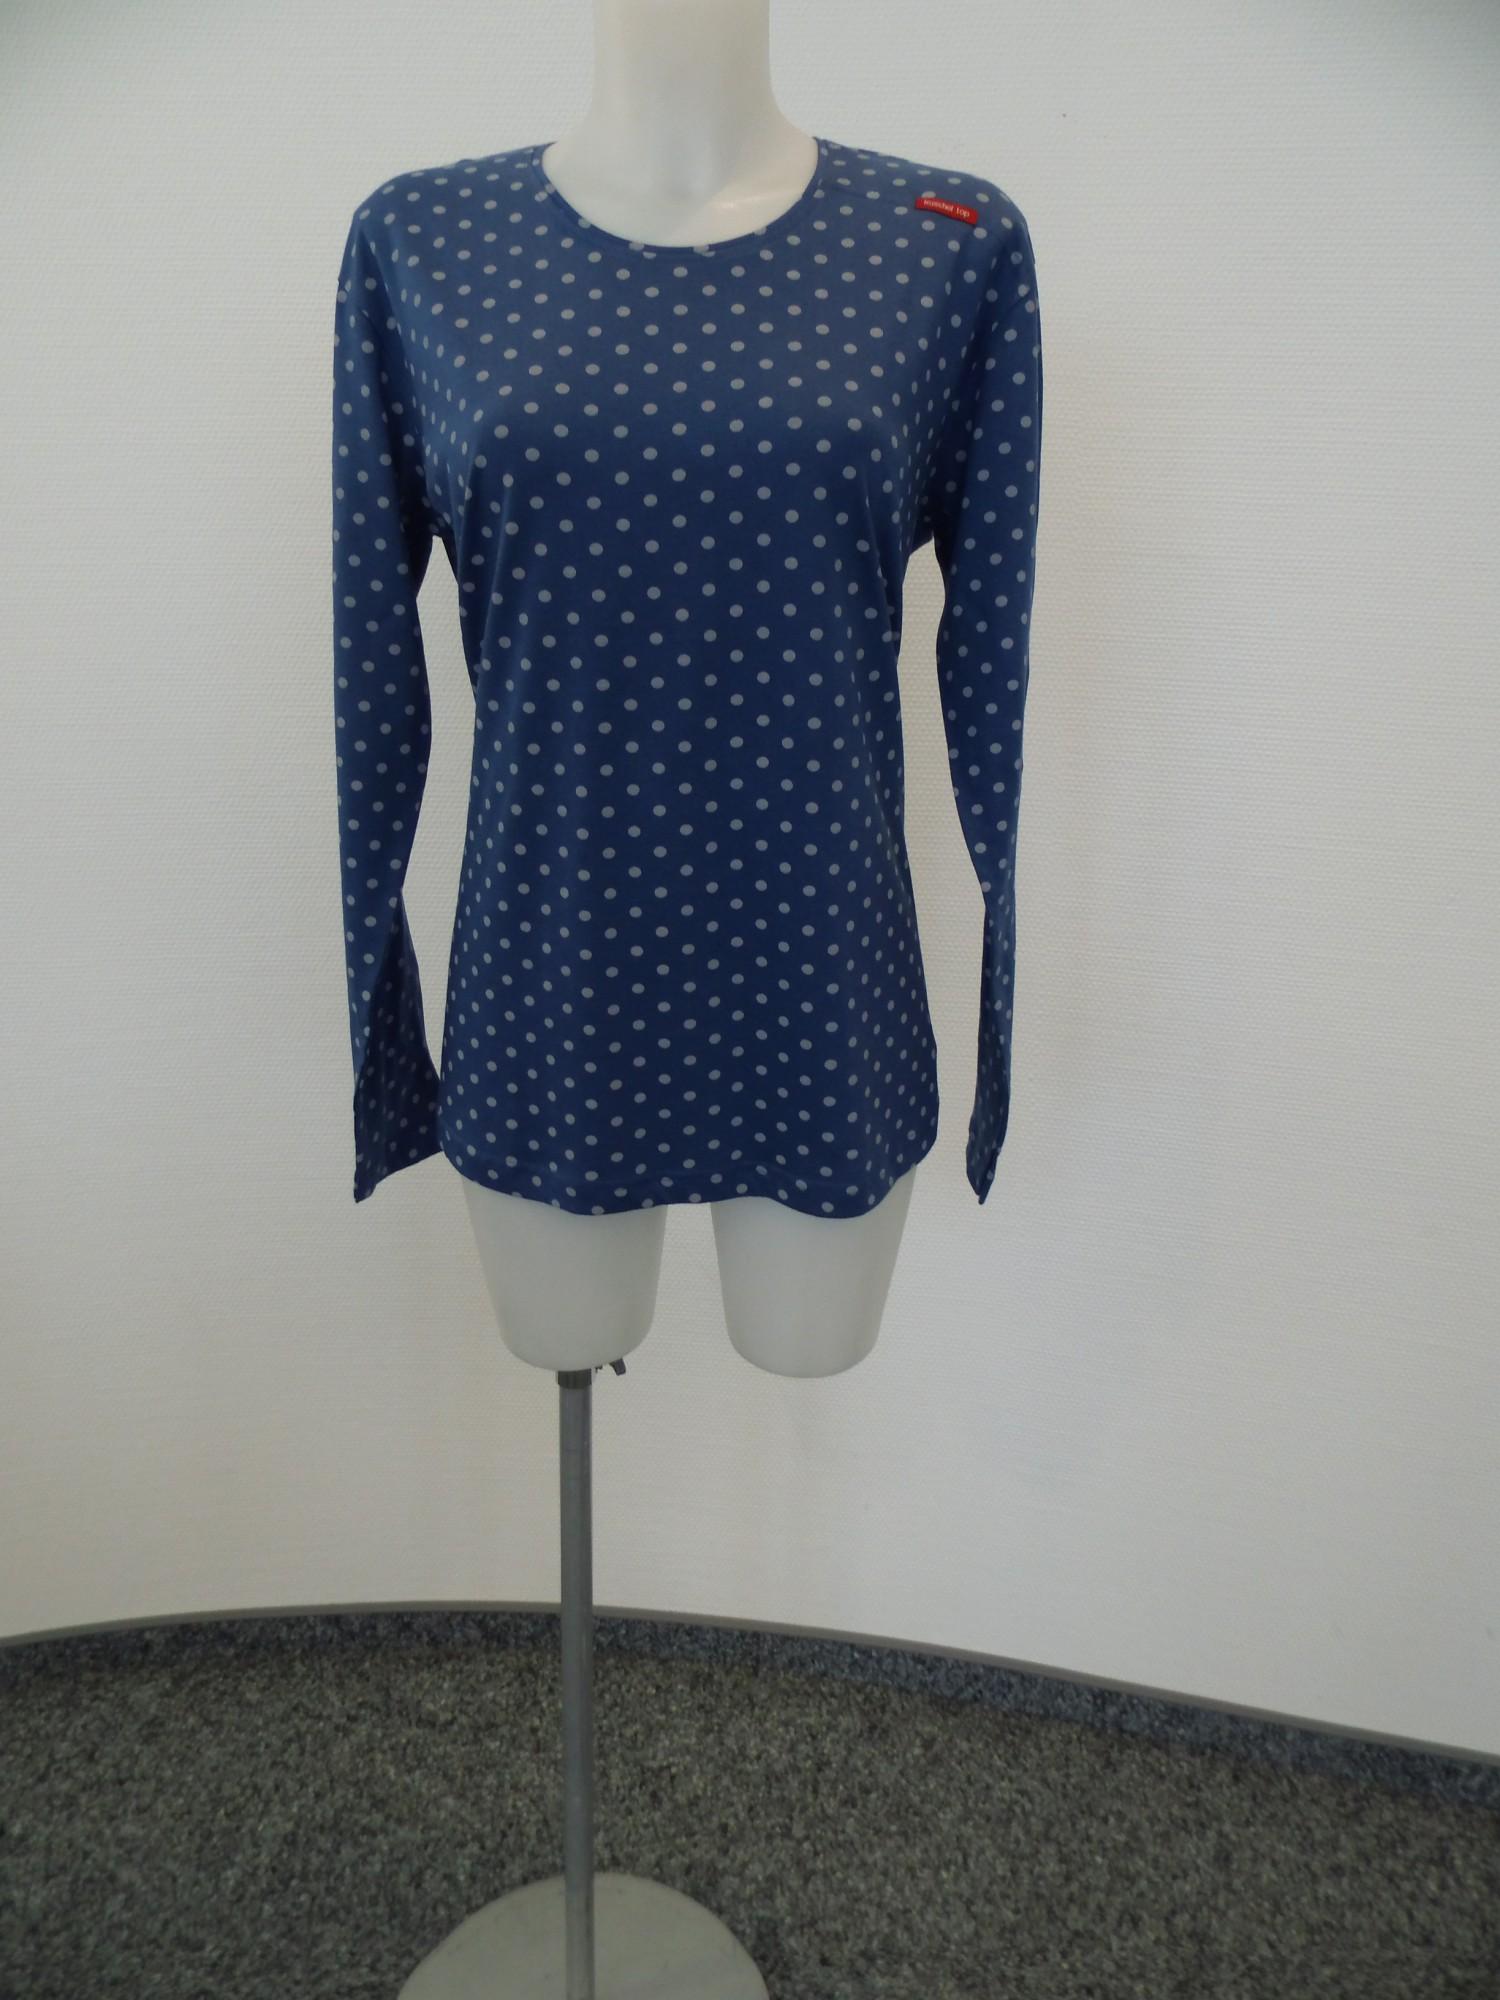 Damen – Shirt, langarm, Top,  Mix & Match, 219 90 530